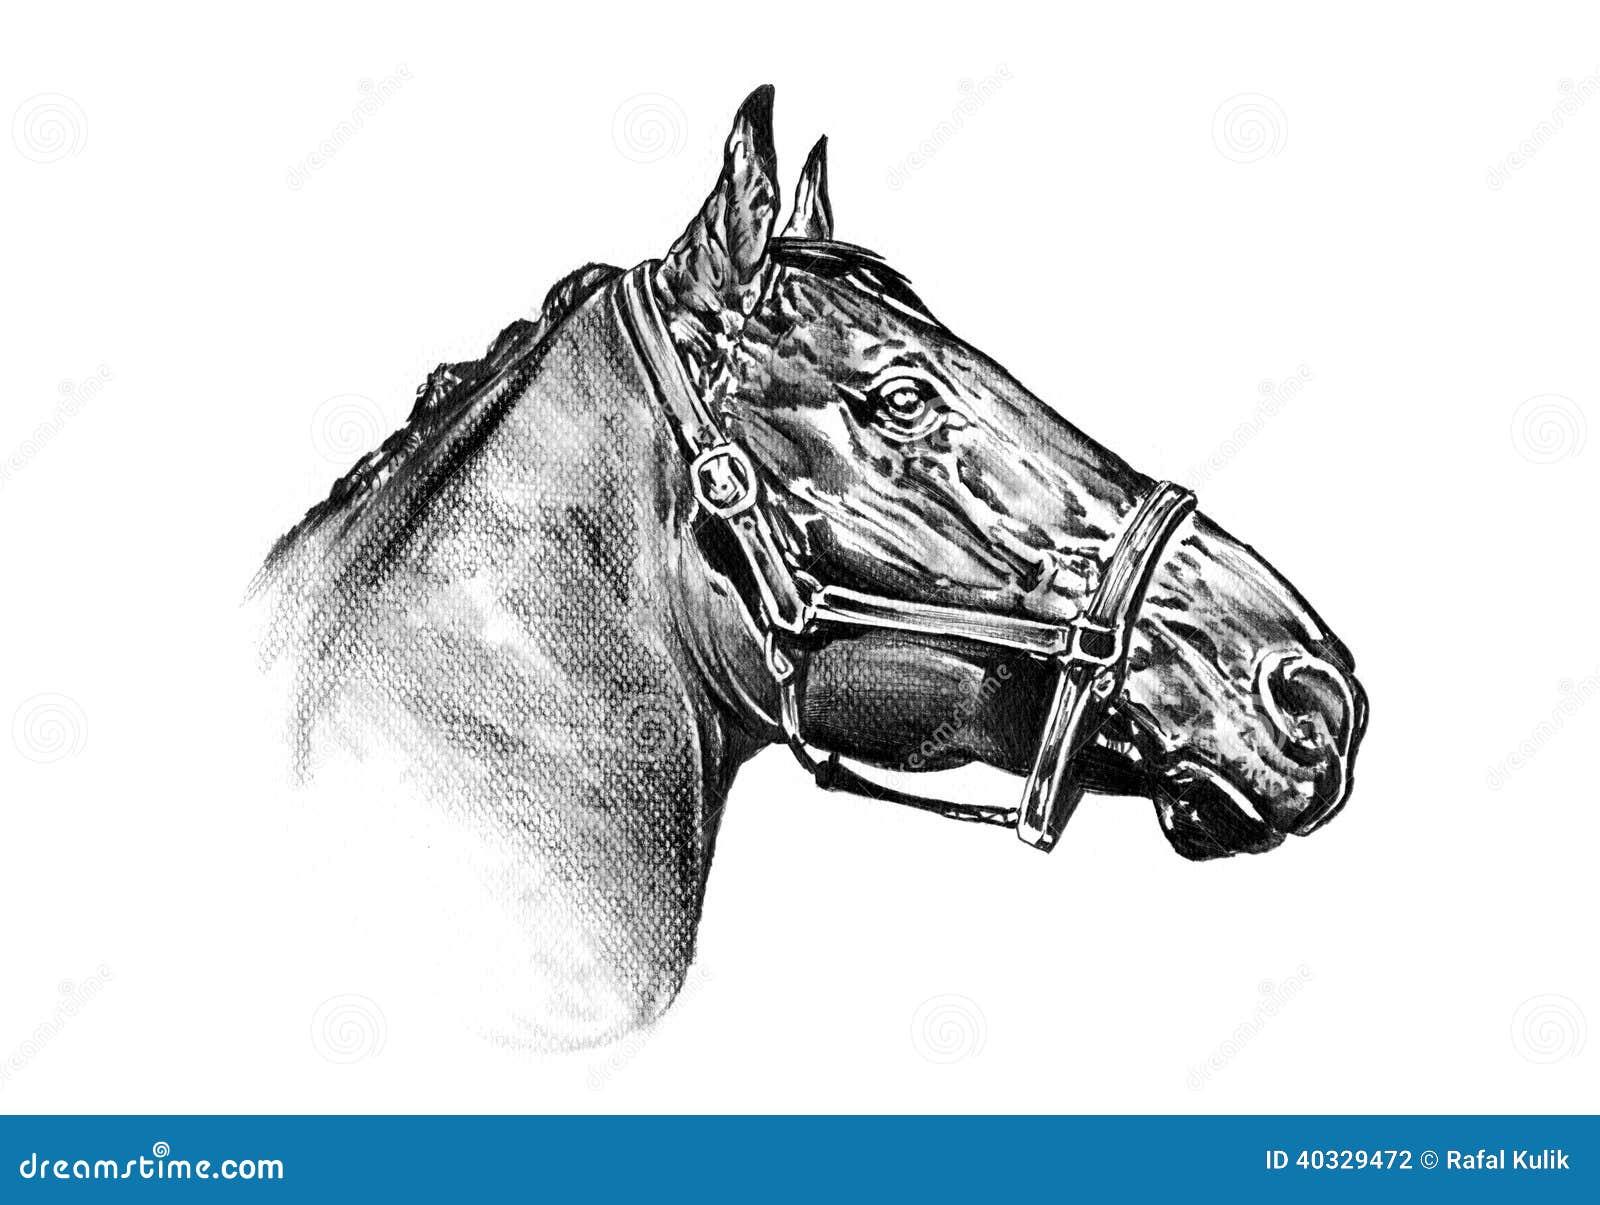 Disegno a matita a mano libera della testa di cavallo for Disegno cavallo stilizzato